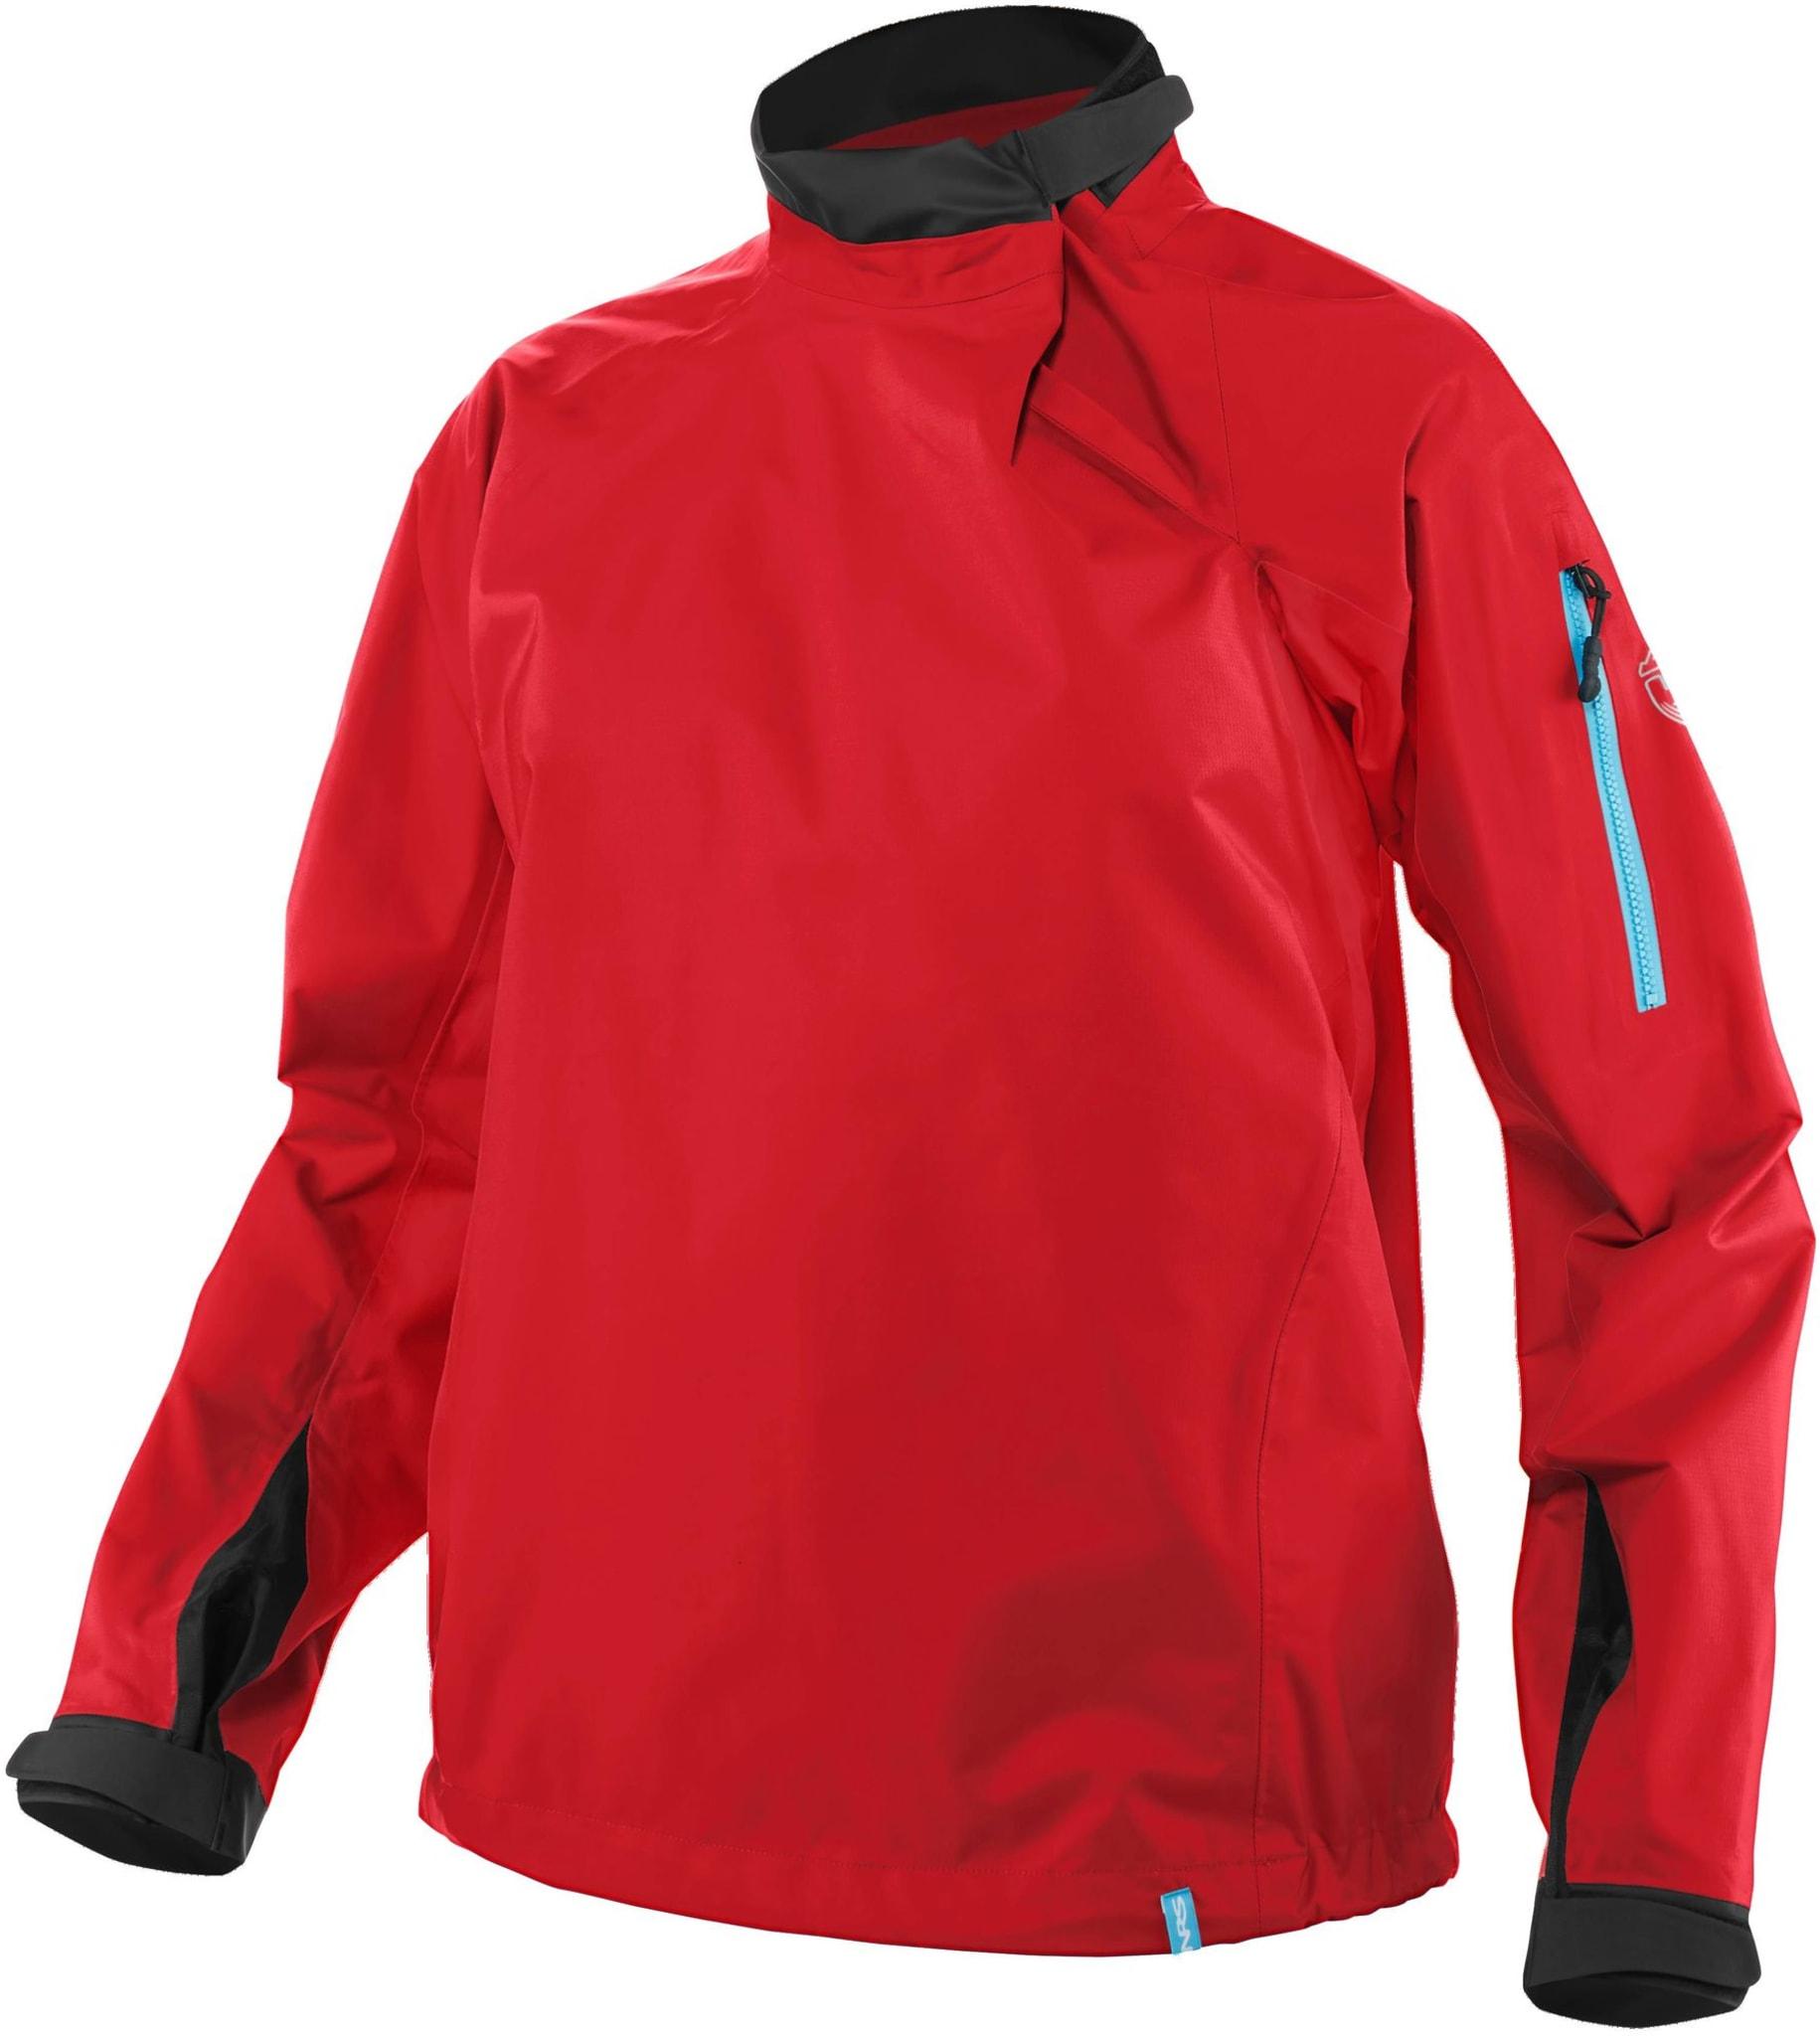 NRS Endurance padlejakke for dame - lett, vanntett og pustende.